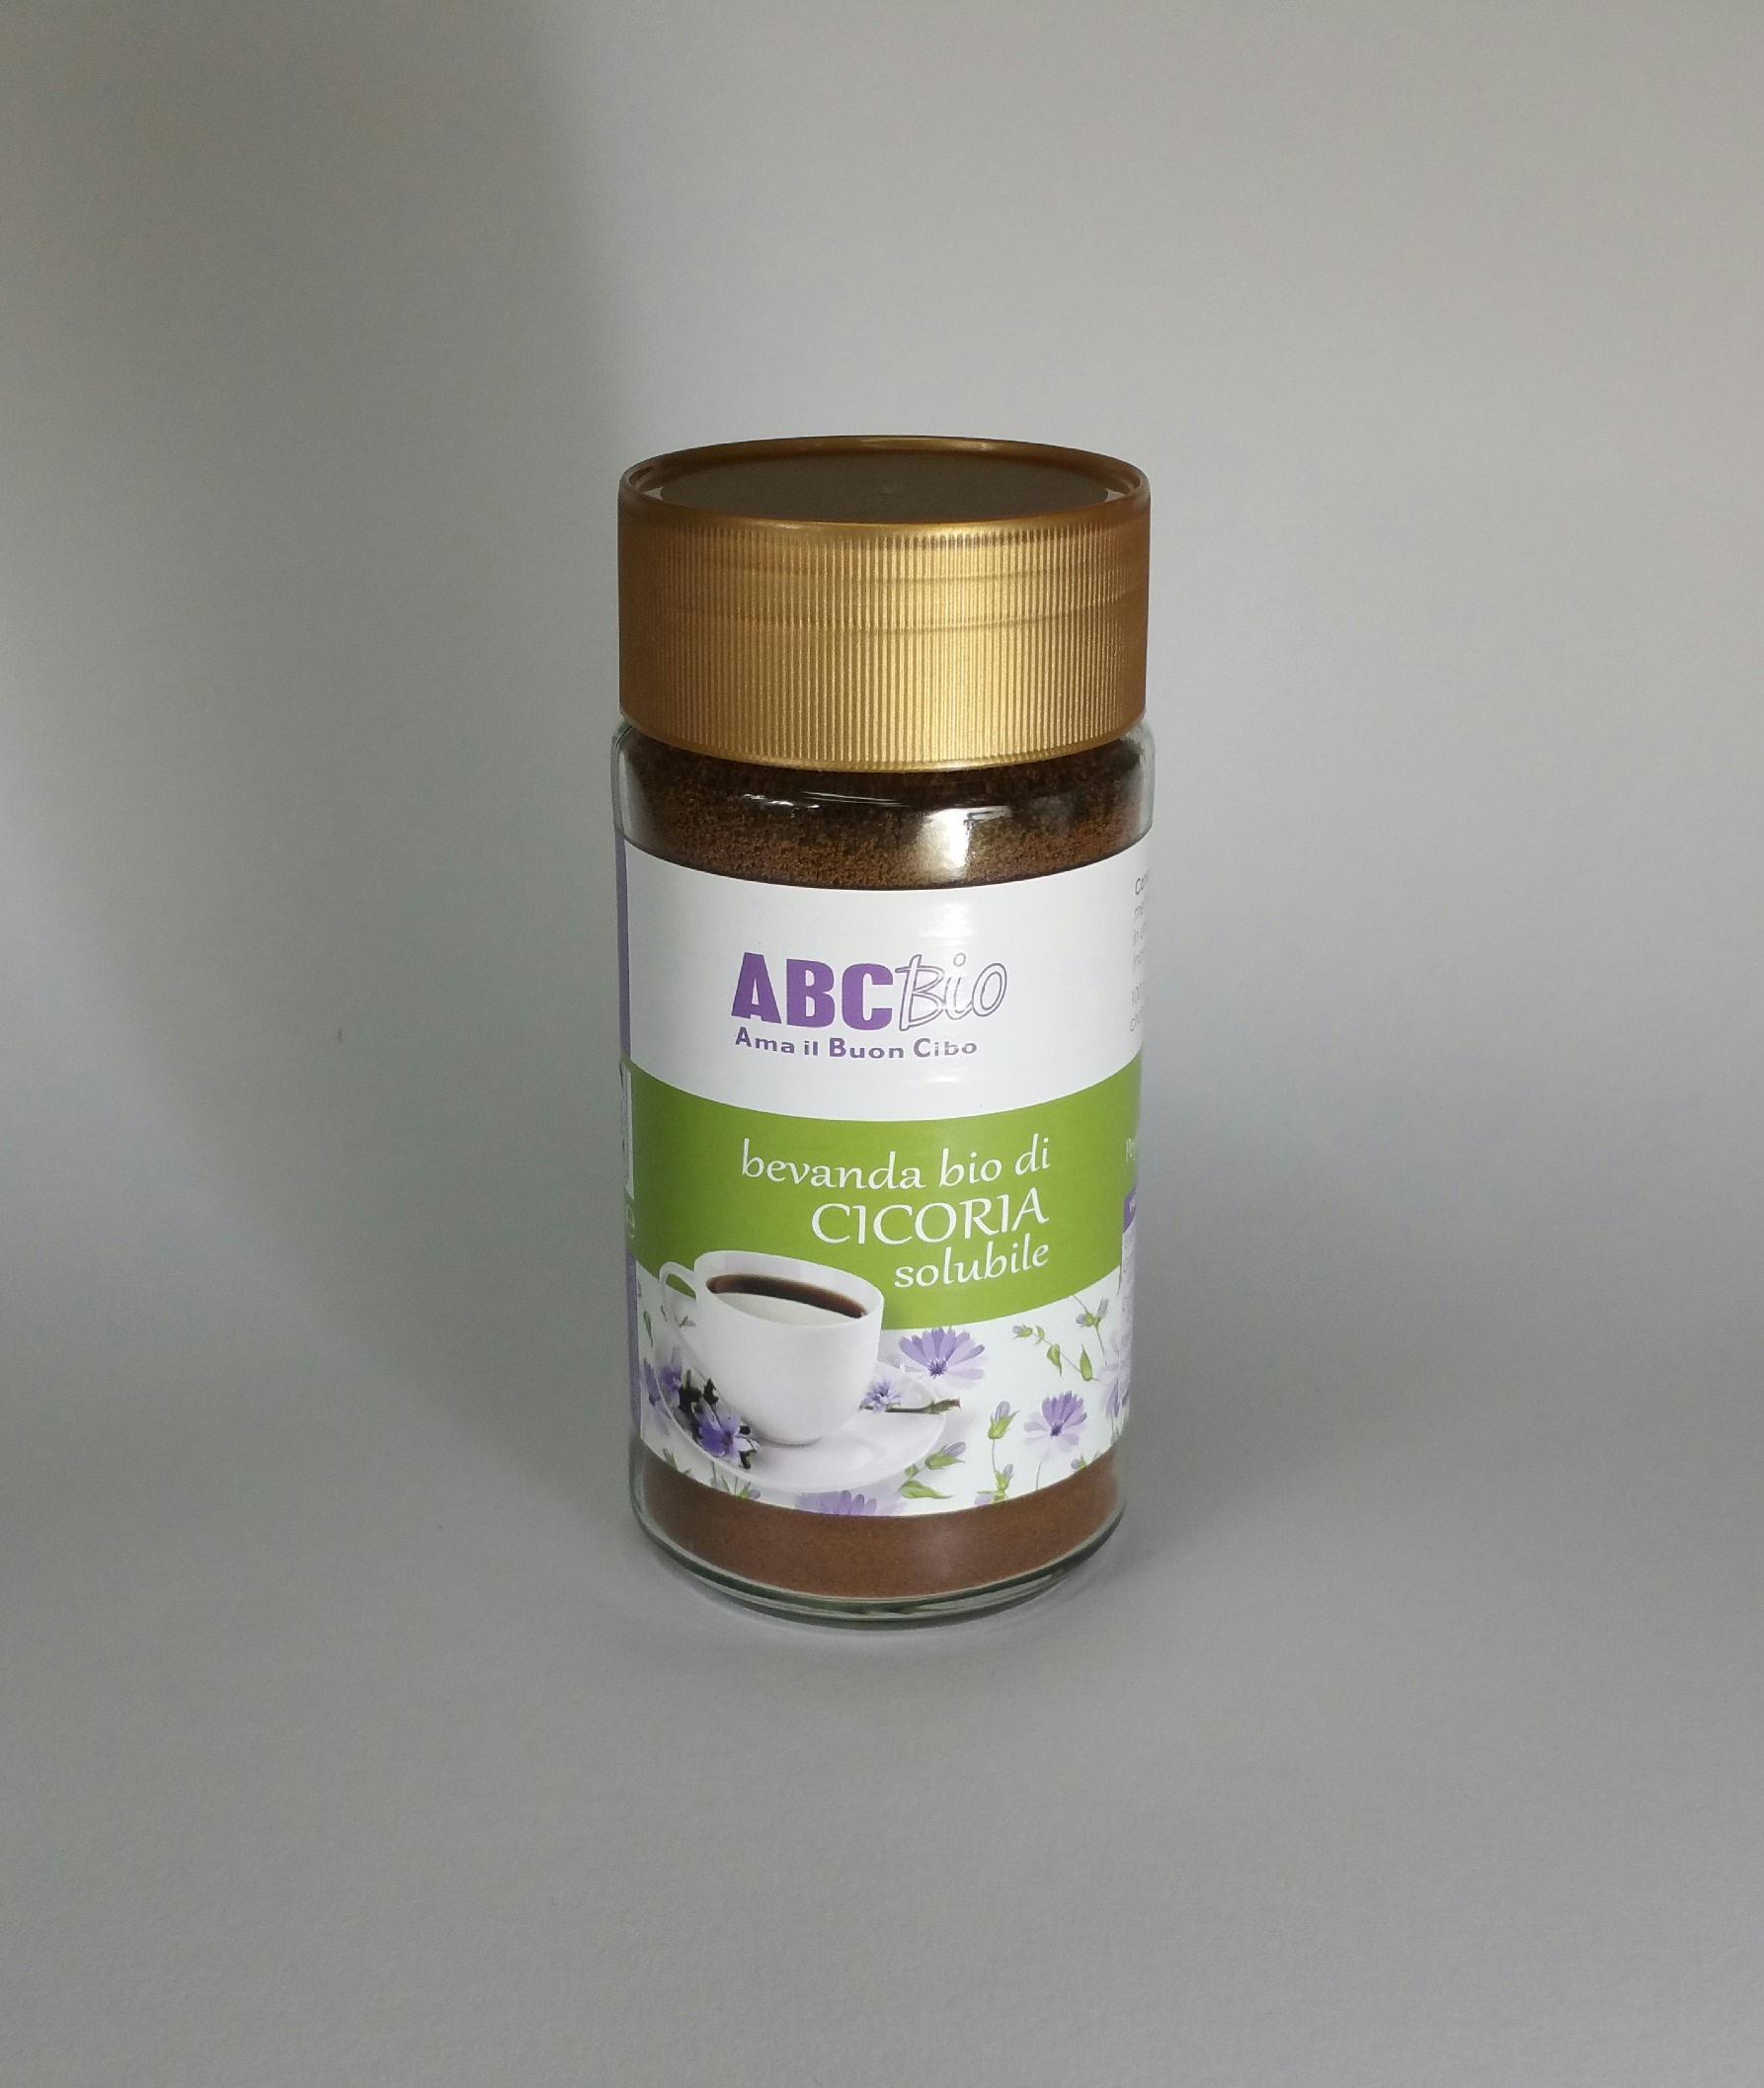 Bevanda di cicoria solubile 100g